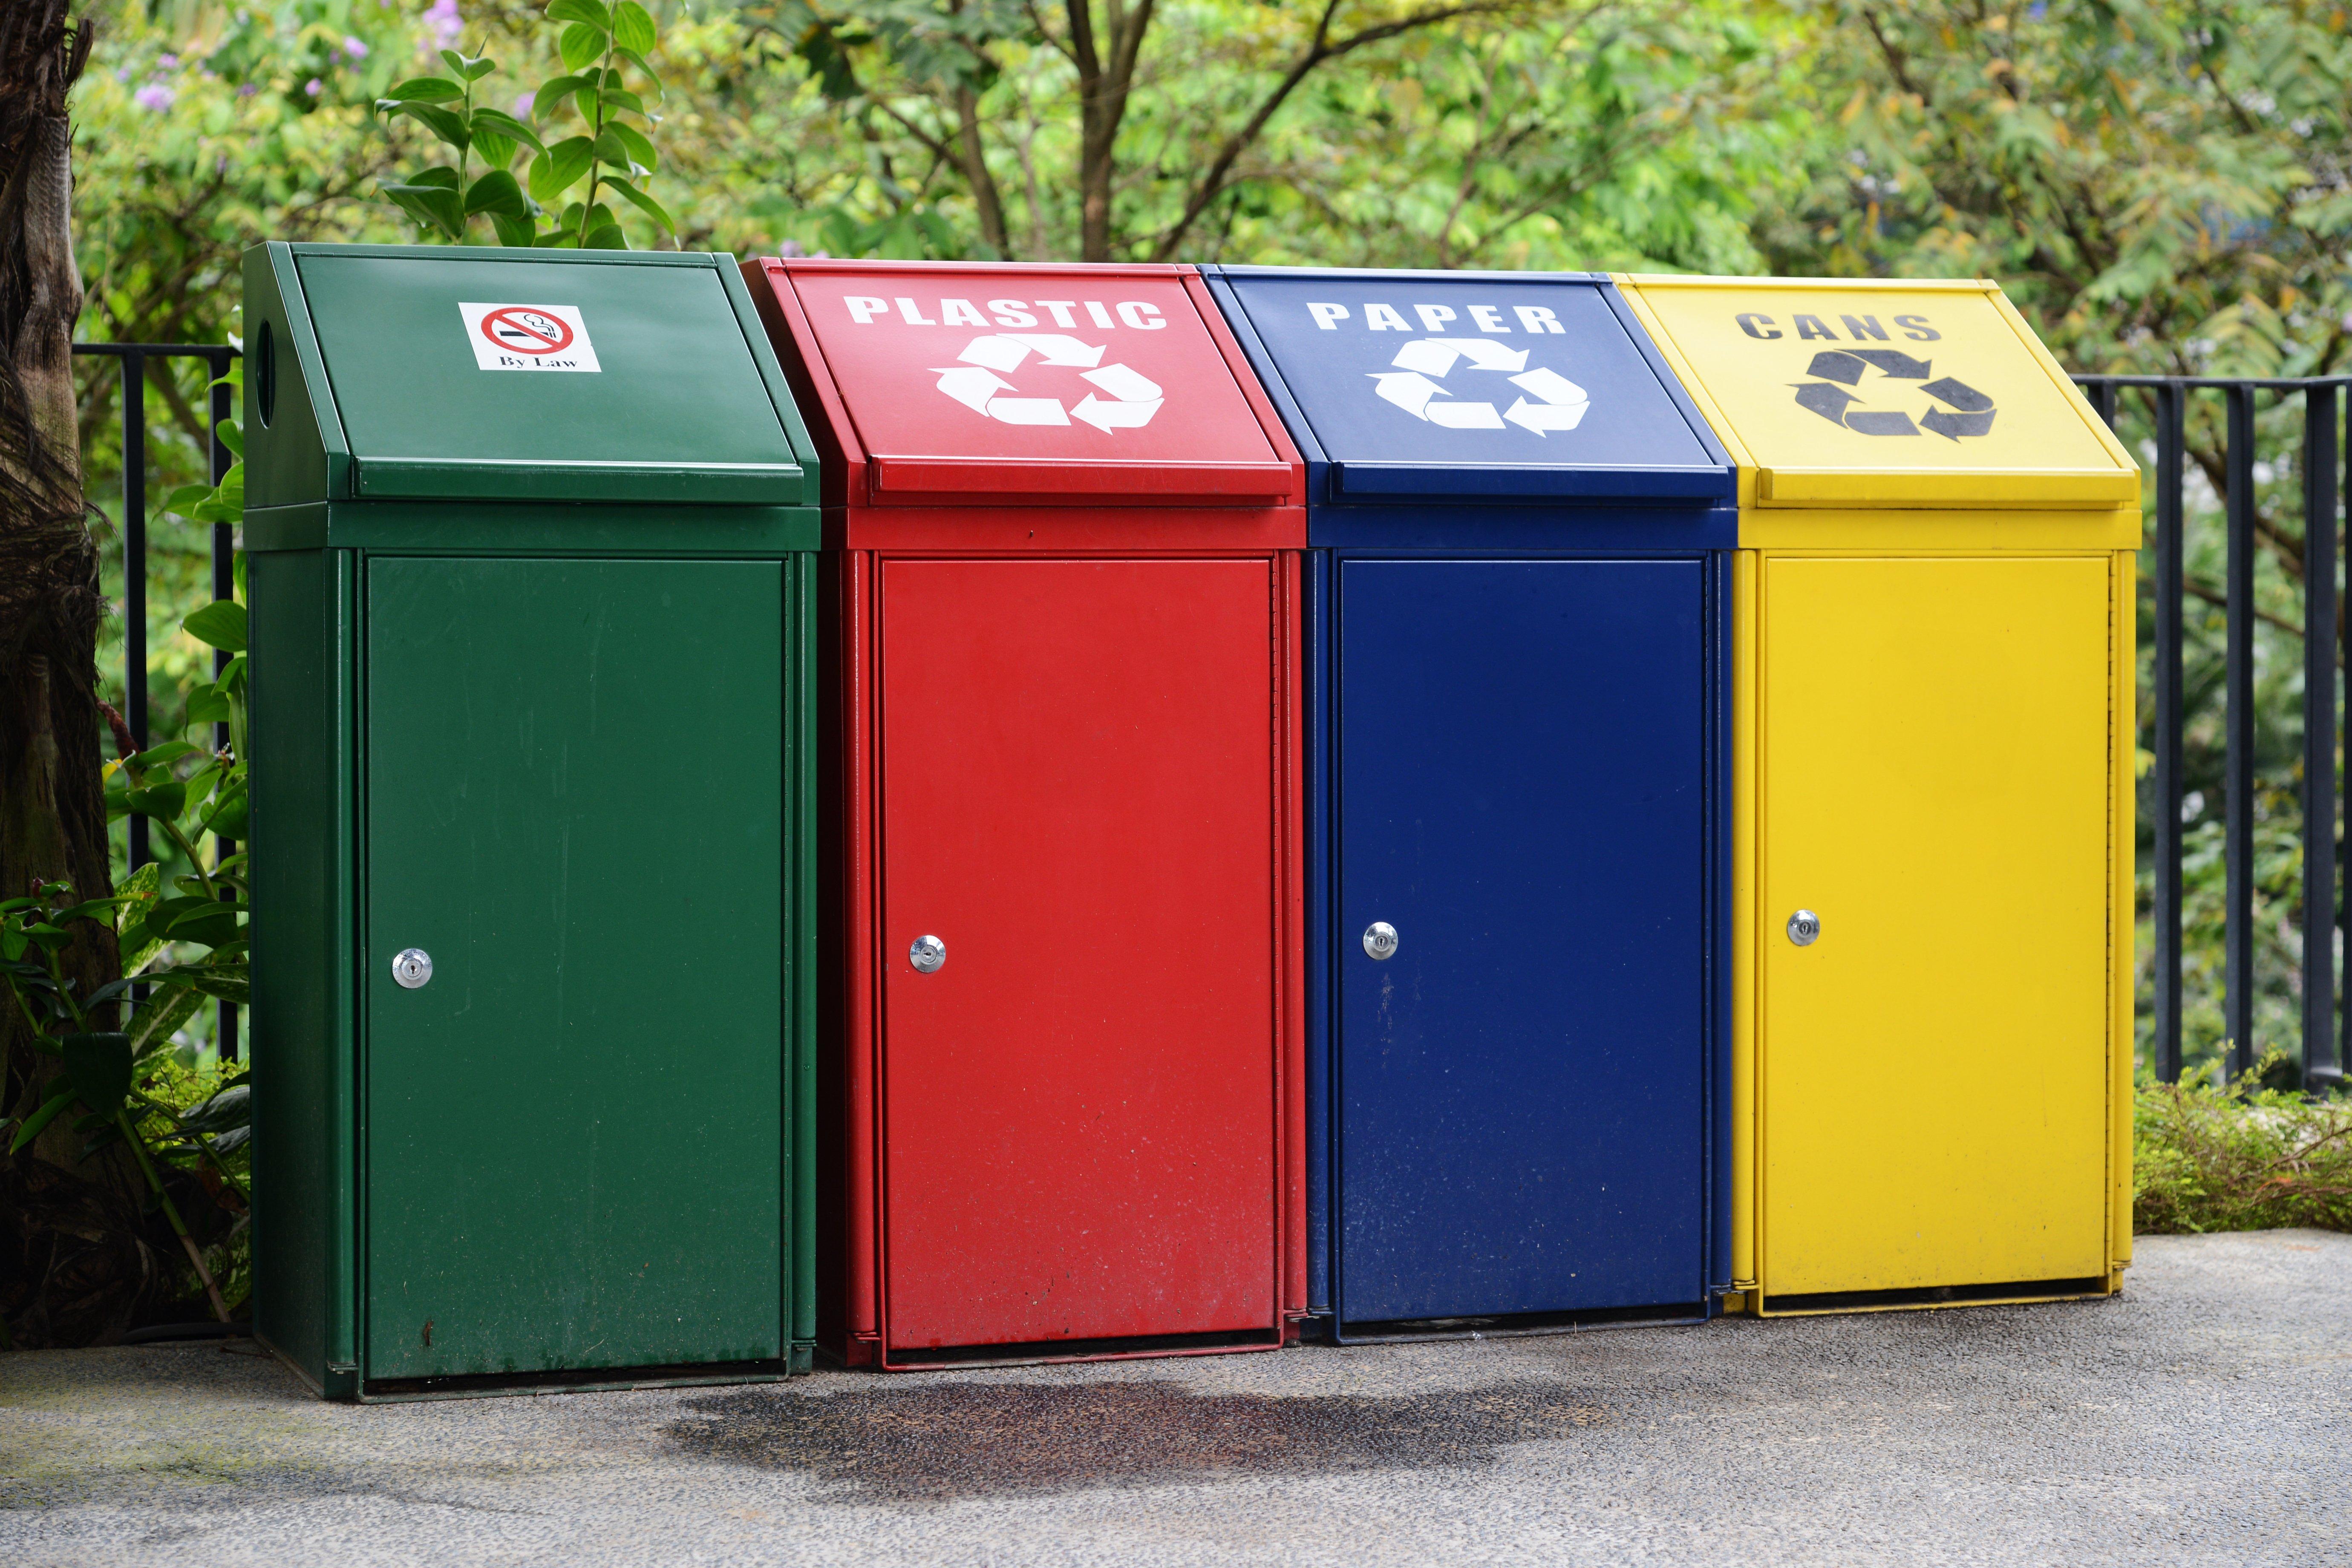 contenitori per la raccolta differenziata: riduzione dei rifiuti in vacanza